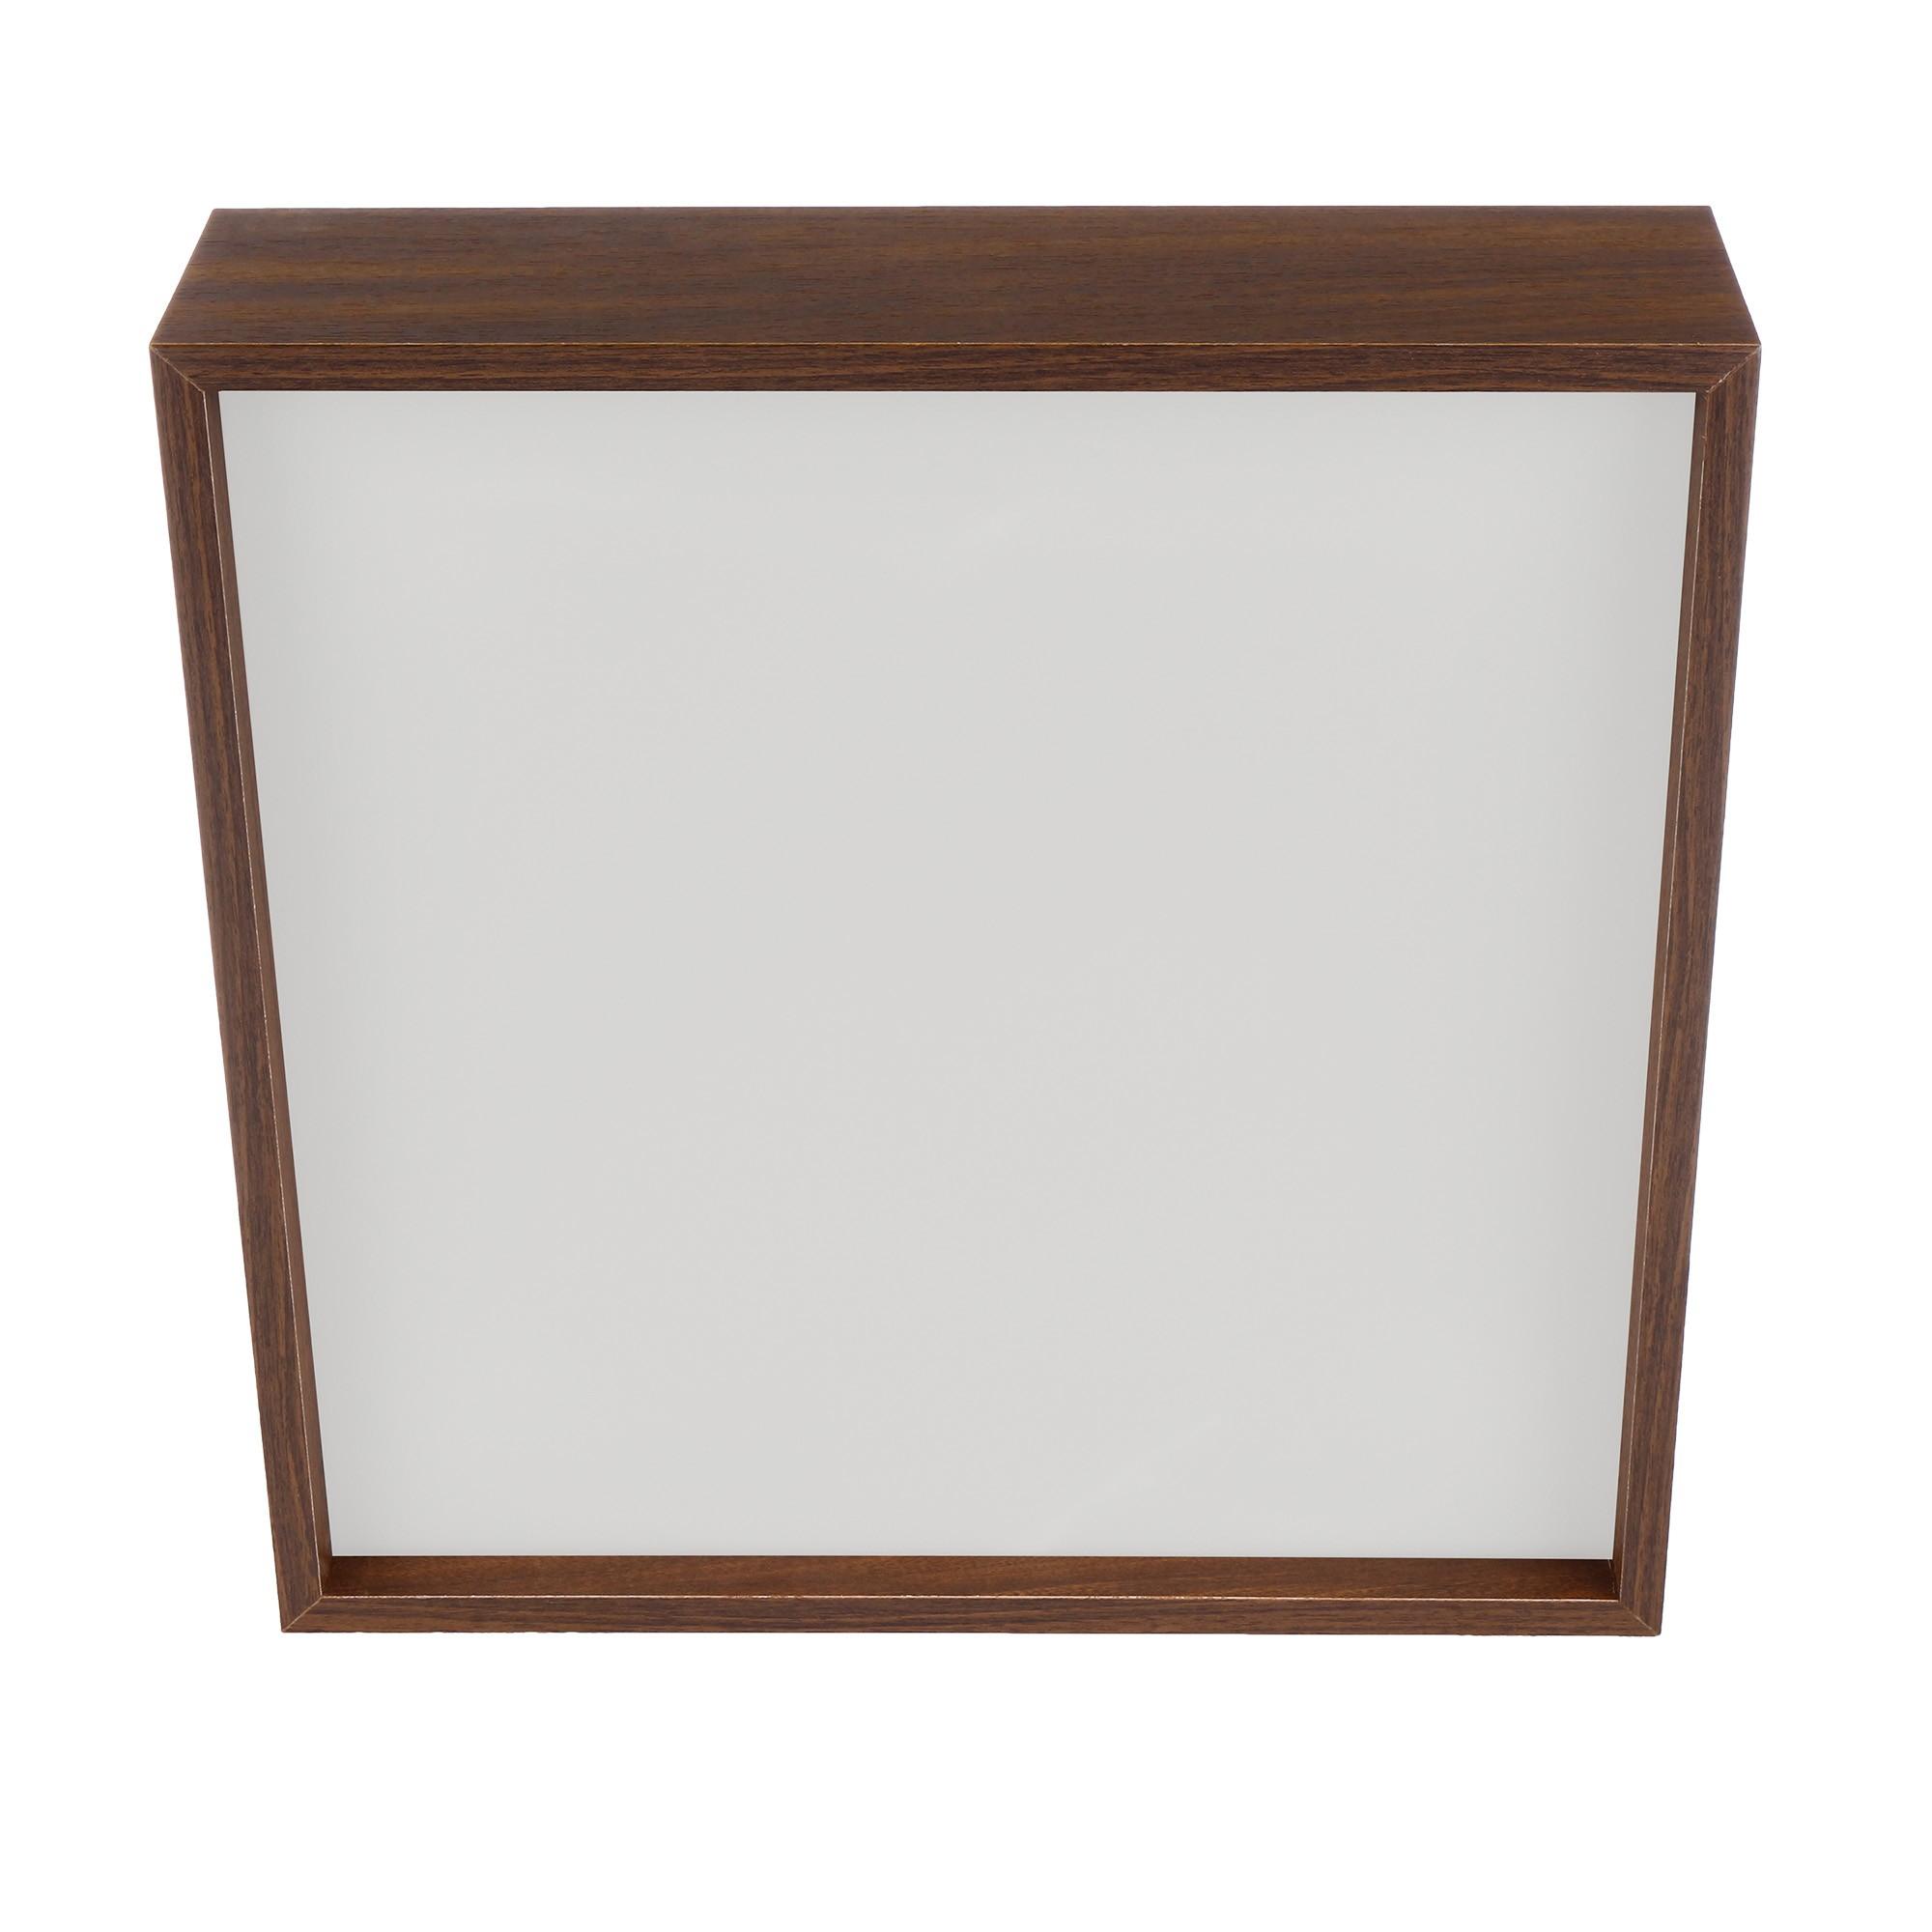 Plafon Quadrado Madeira 50x50cm